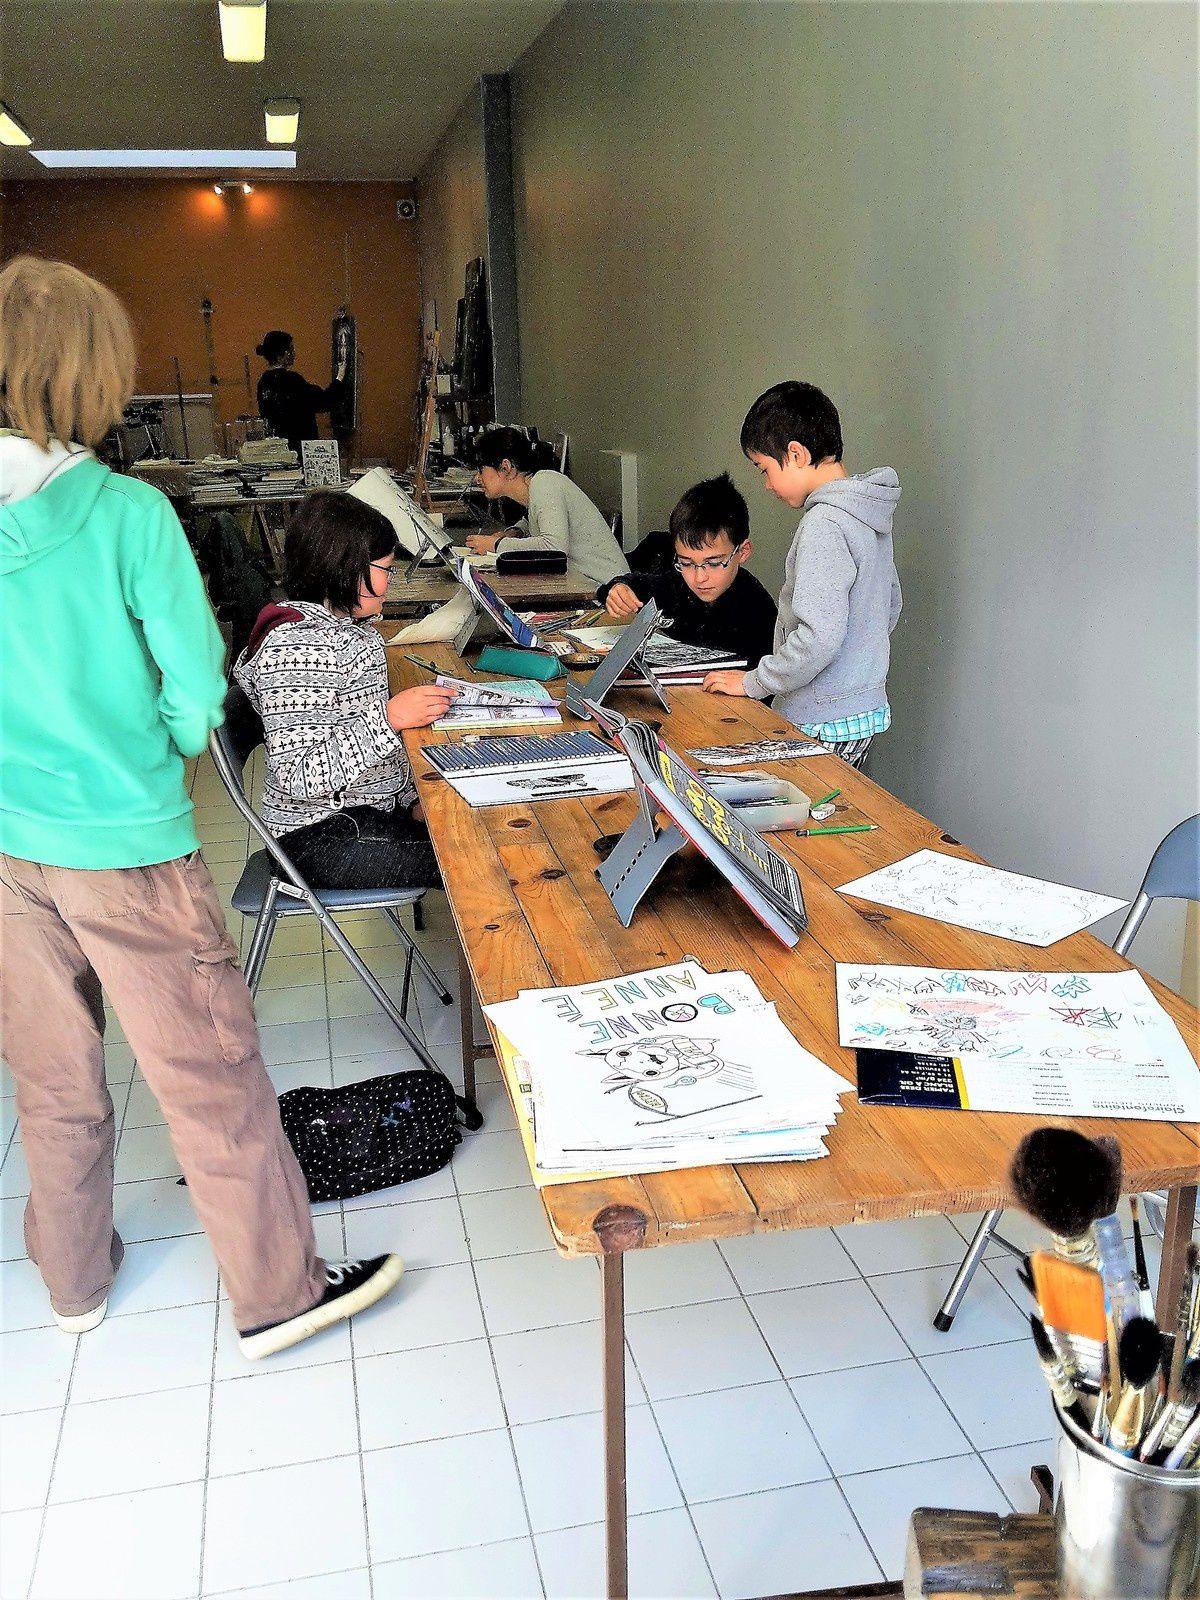 Après le beffroi du 2 juin, l'expo des élèves sera visible durant 1 mois à l'atelier !!!